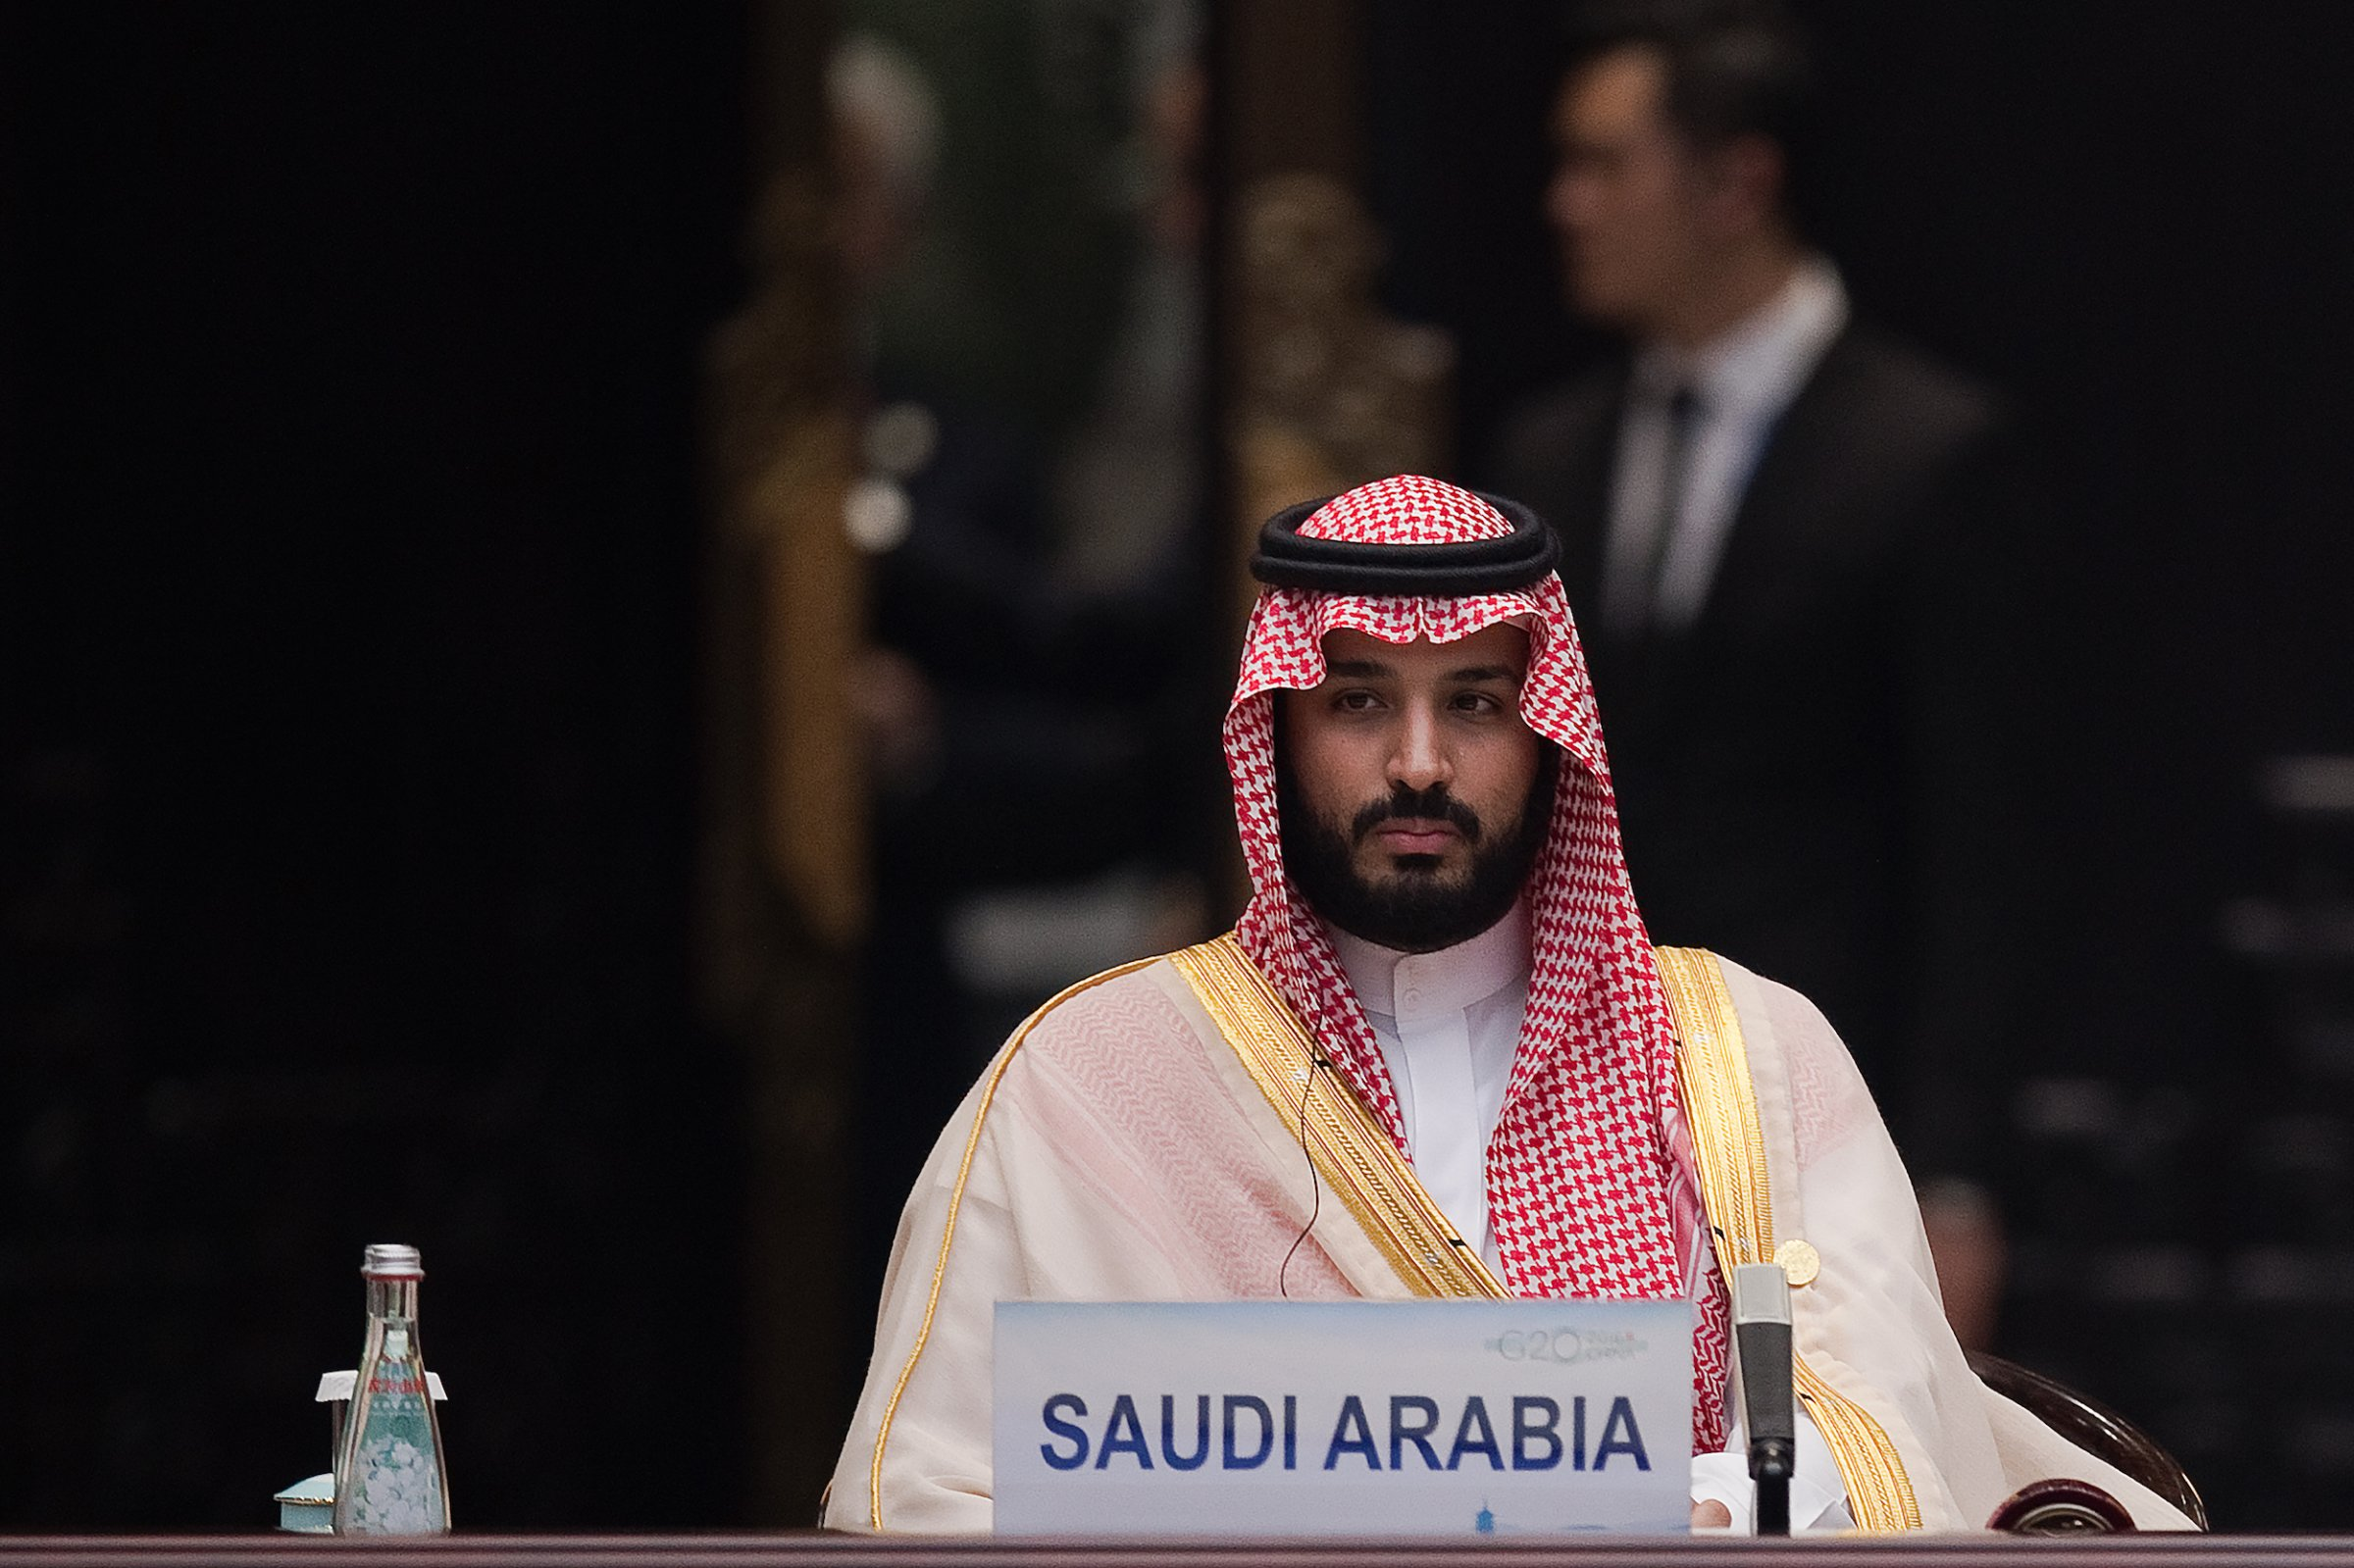 آیا این اشتباه محاسباتی سرنوشت تاریک محمد بن سلمان را رقم خواهد زد؟